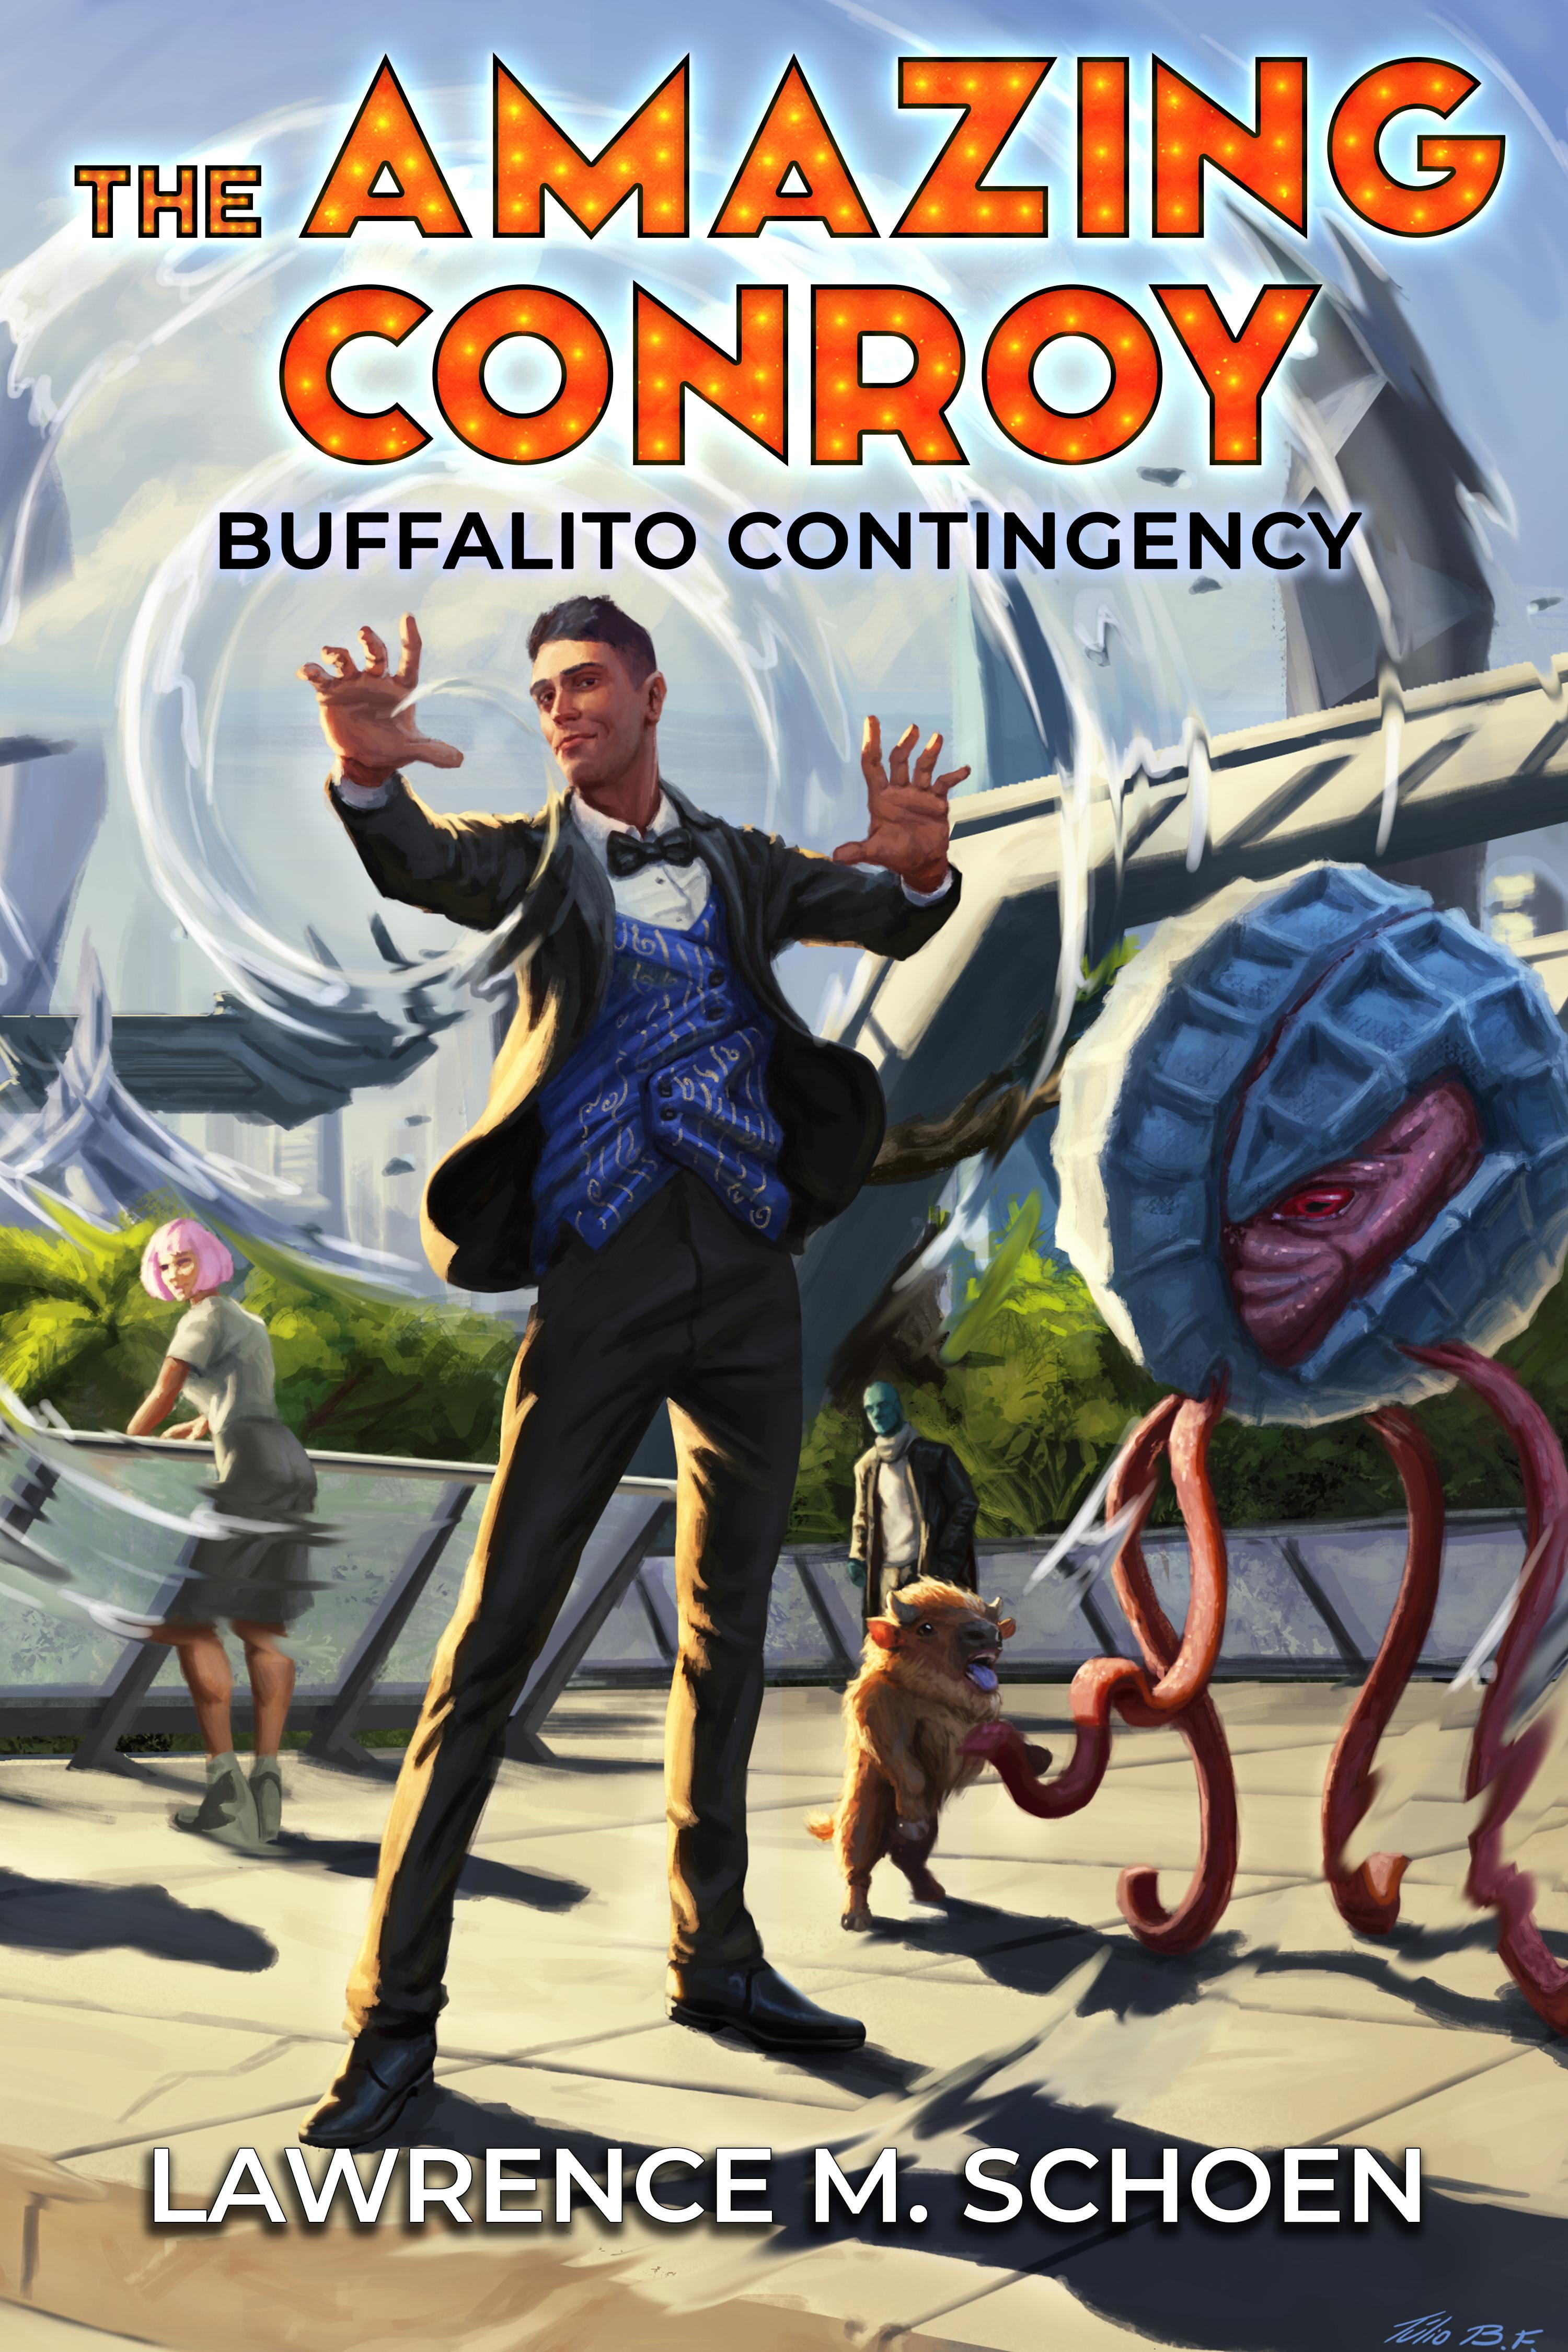 Buffalito Contingency